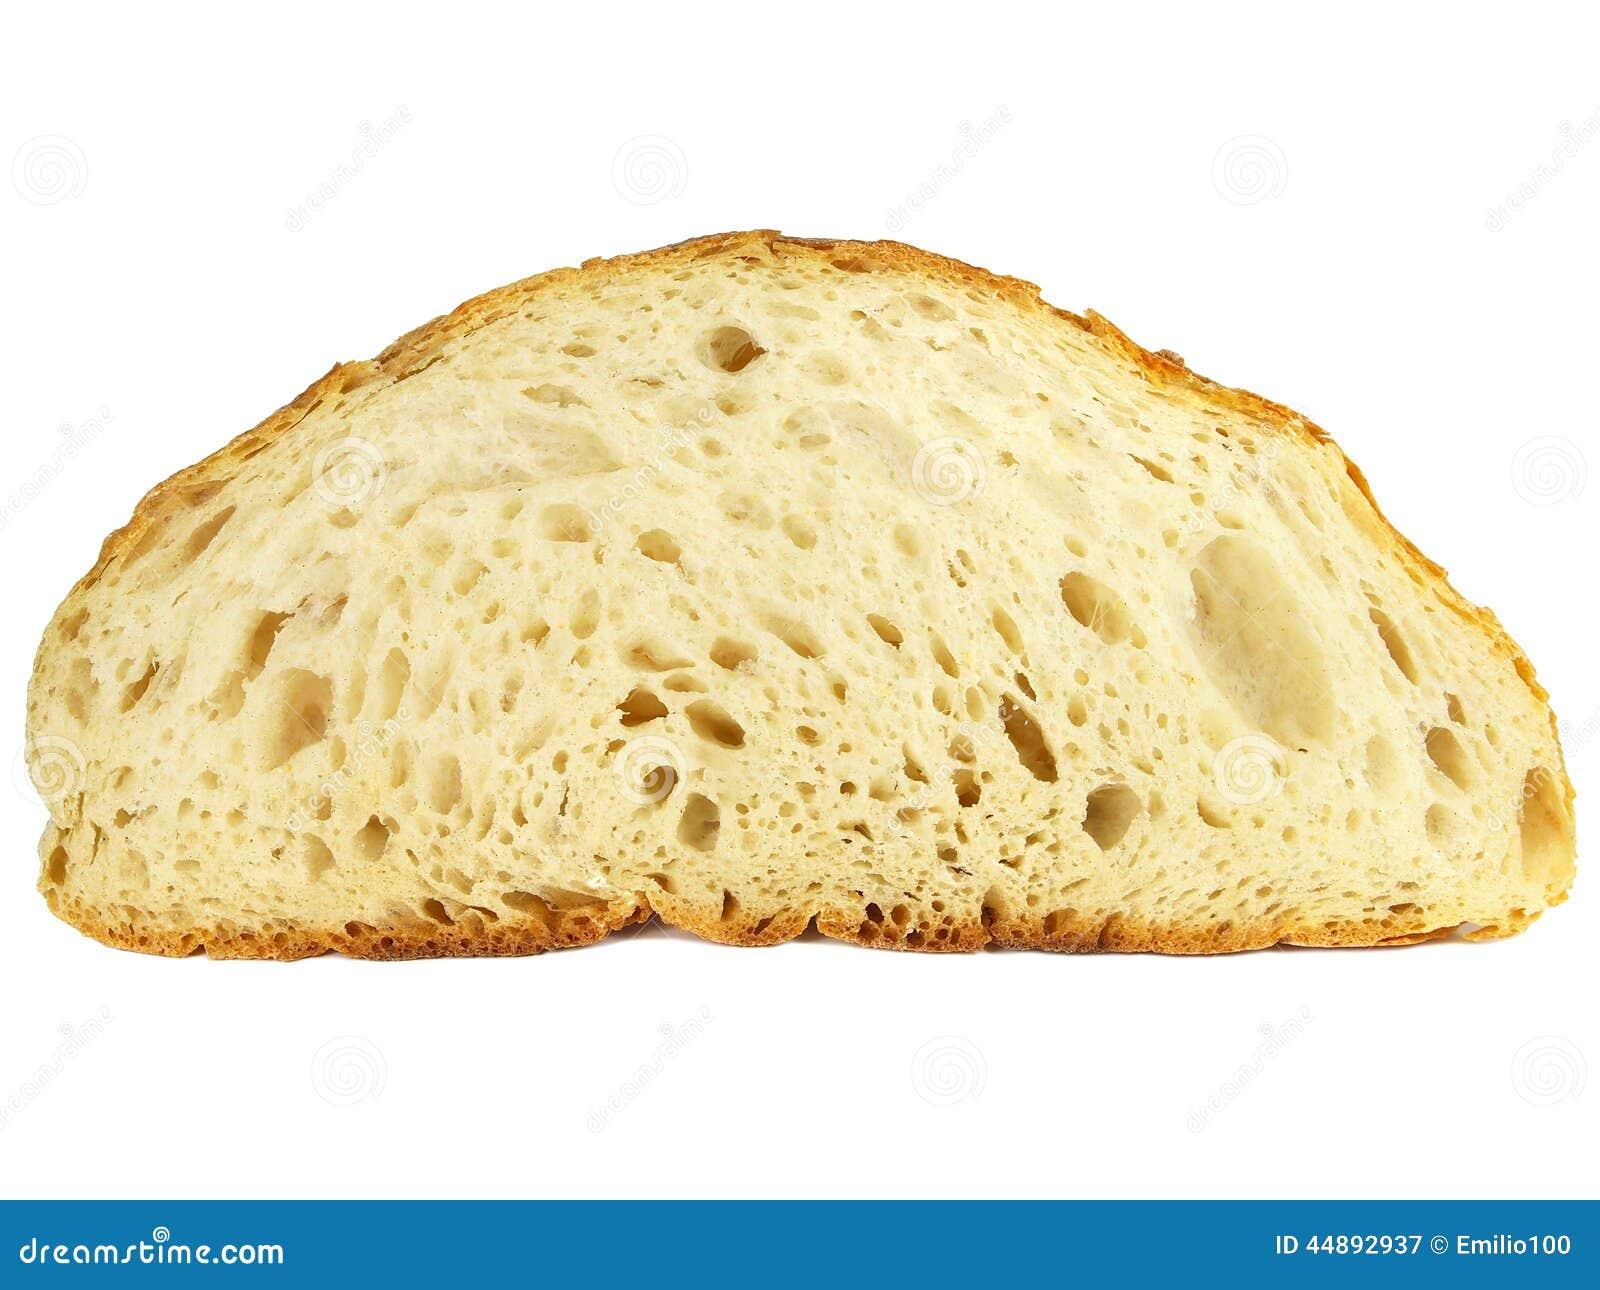 texture d 39 une tranche de pain fait maison image stock image du bake abstrait 44892937. Black Bedroom Furniture Sets. Home Design Ideas